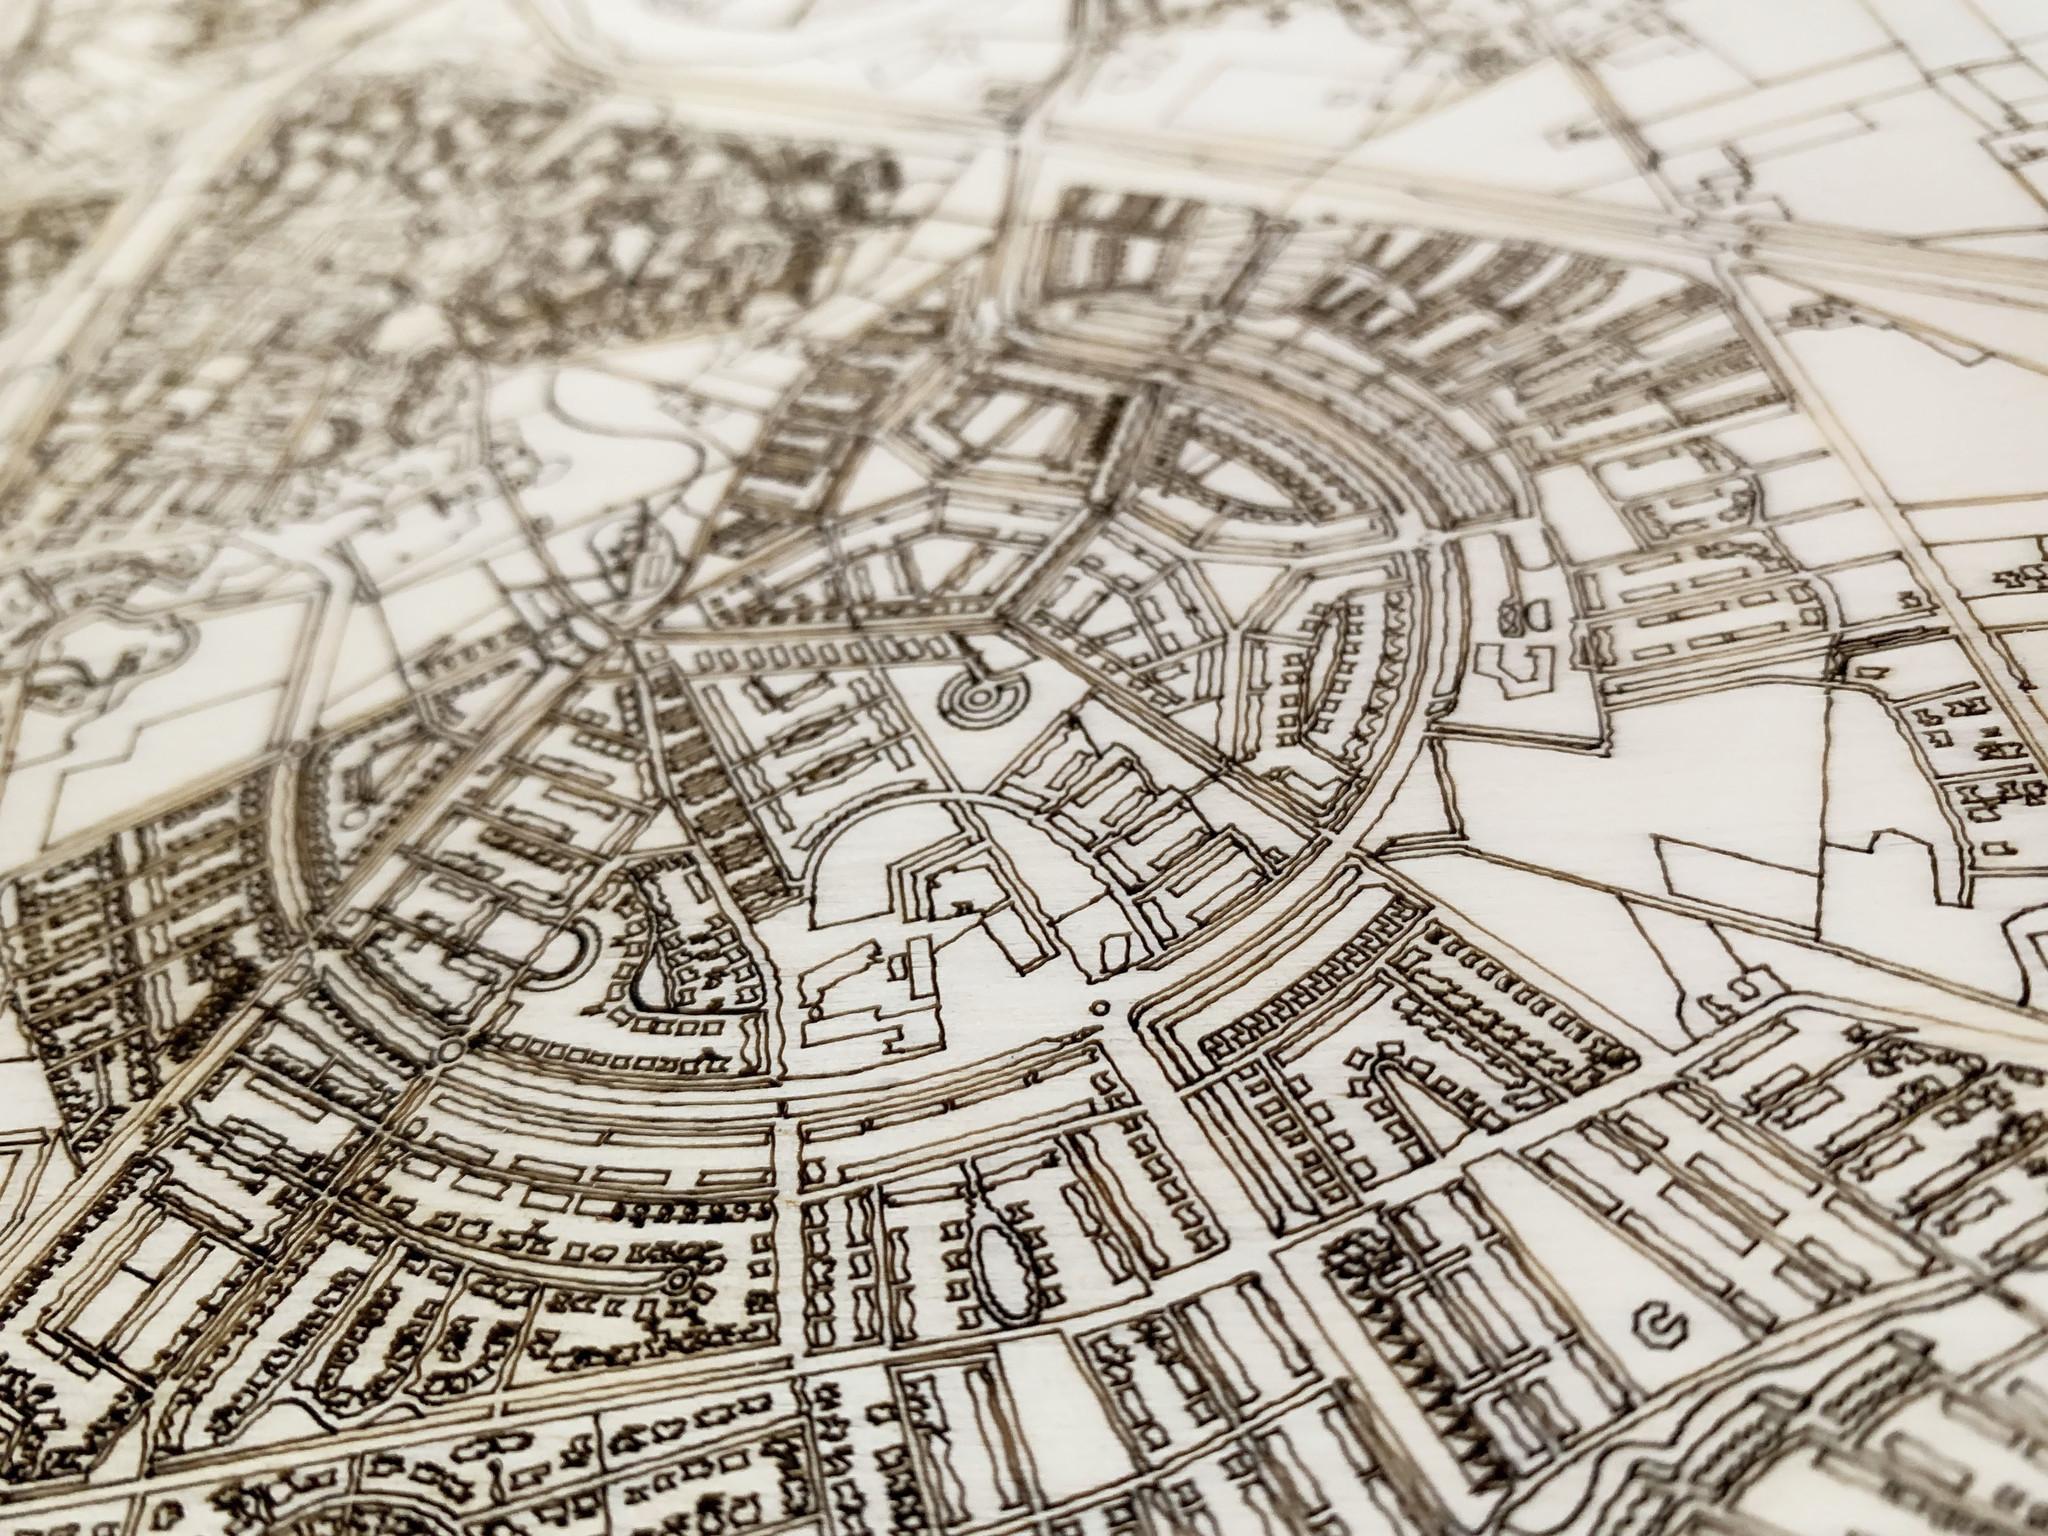 Houten stadsplattegrond Luik-3